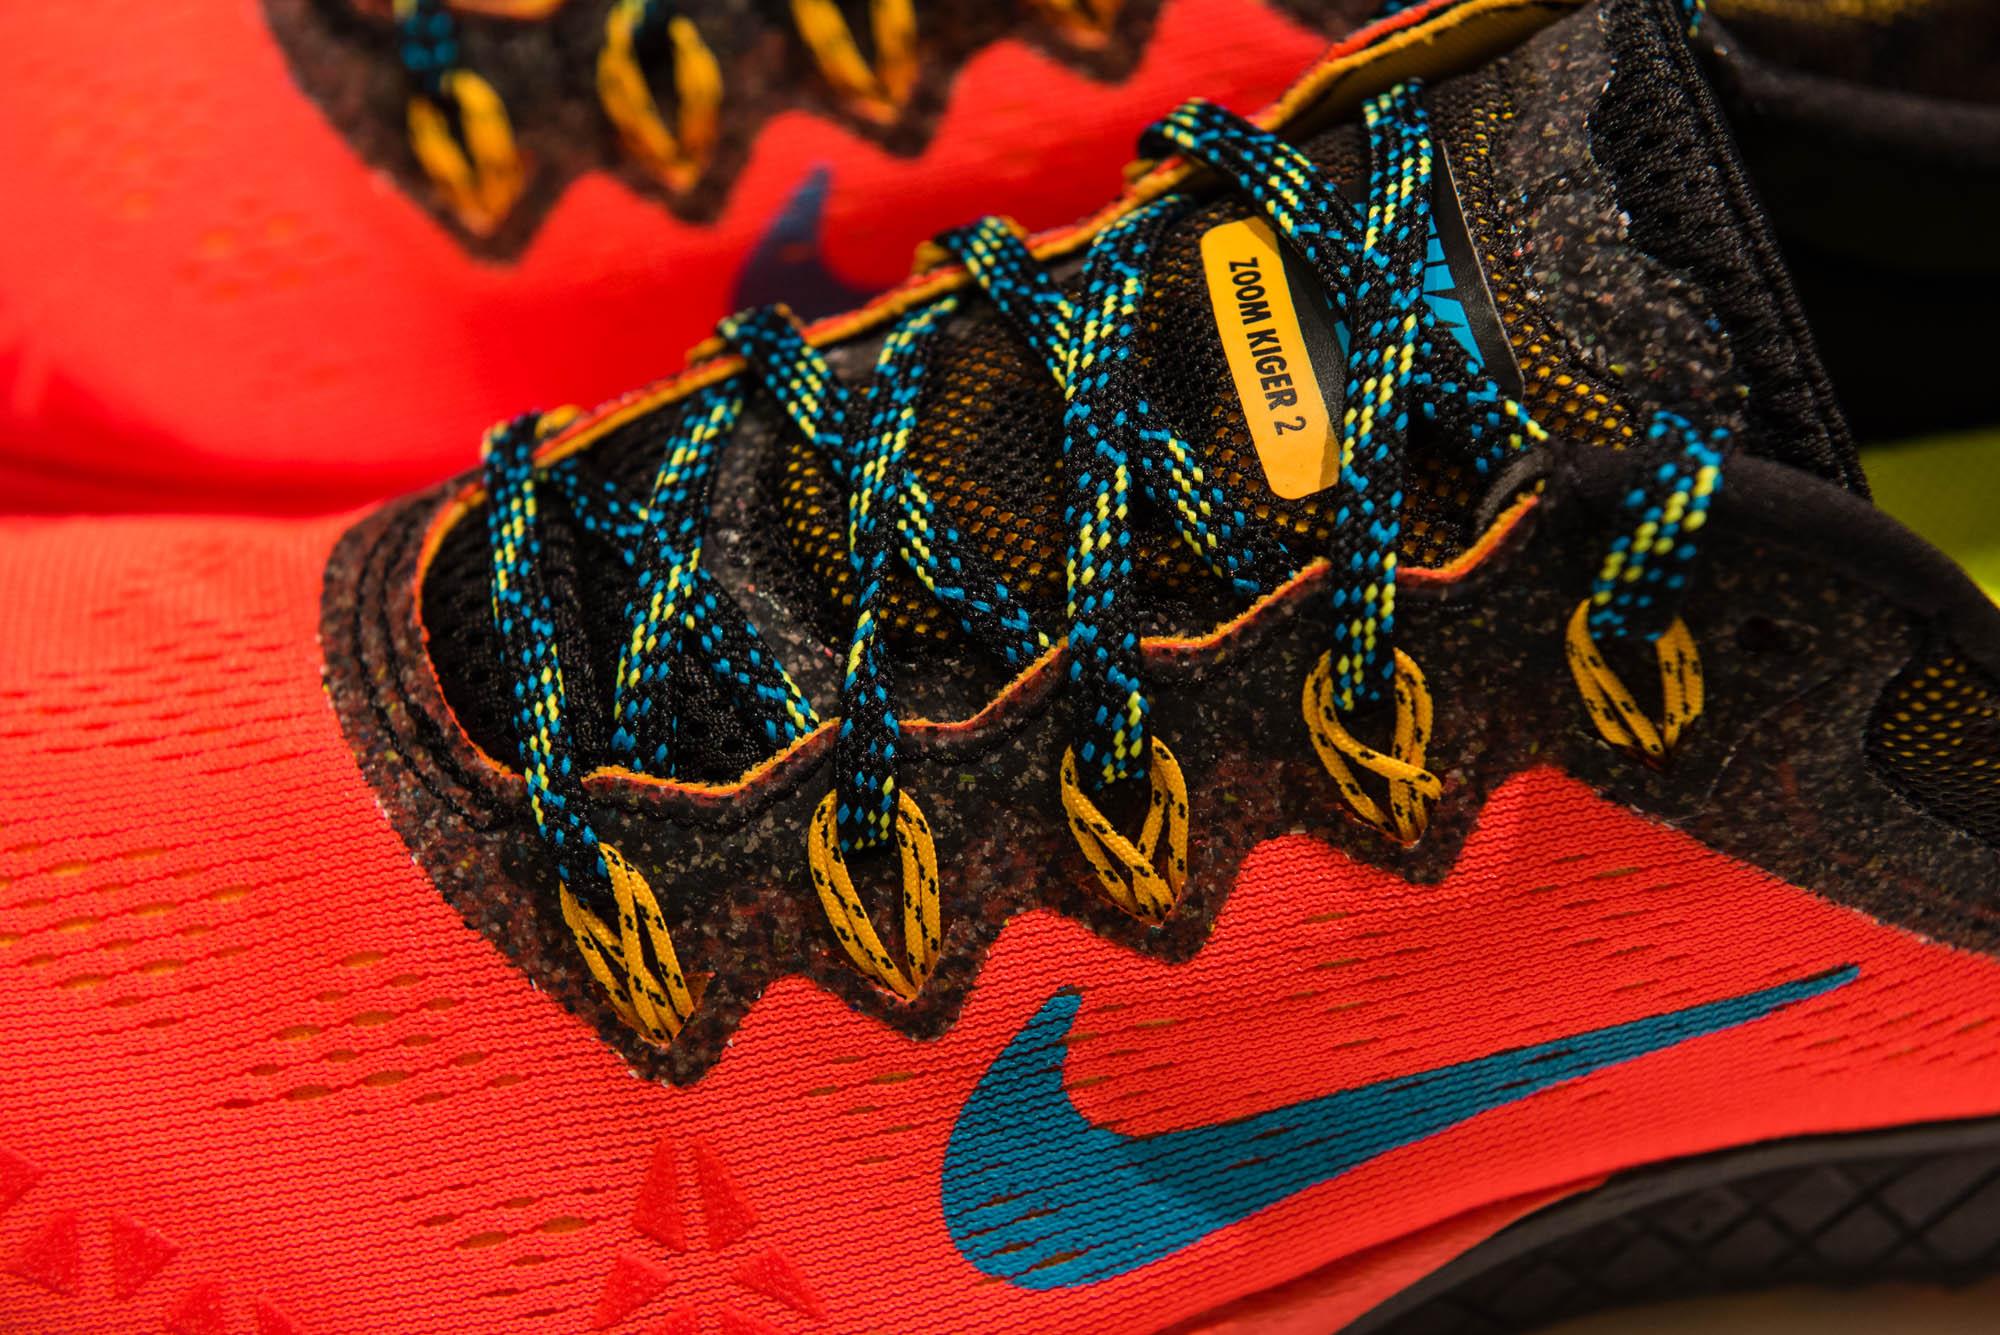 [Test] Nike Zoom Terra Kiger 2 : dans la lignée de la version 1 !